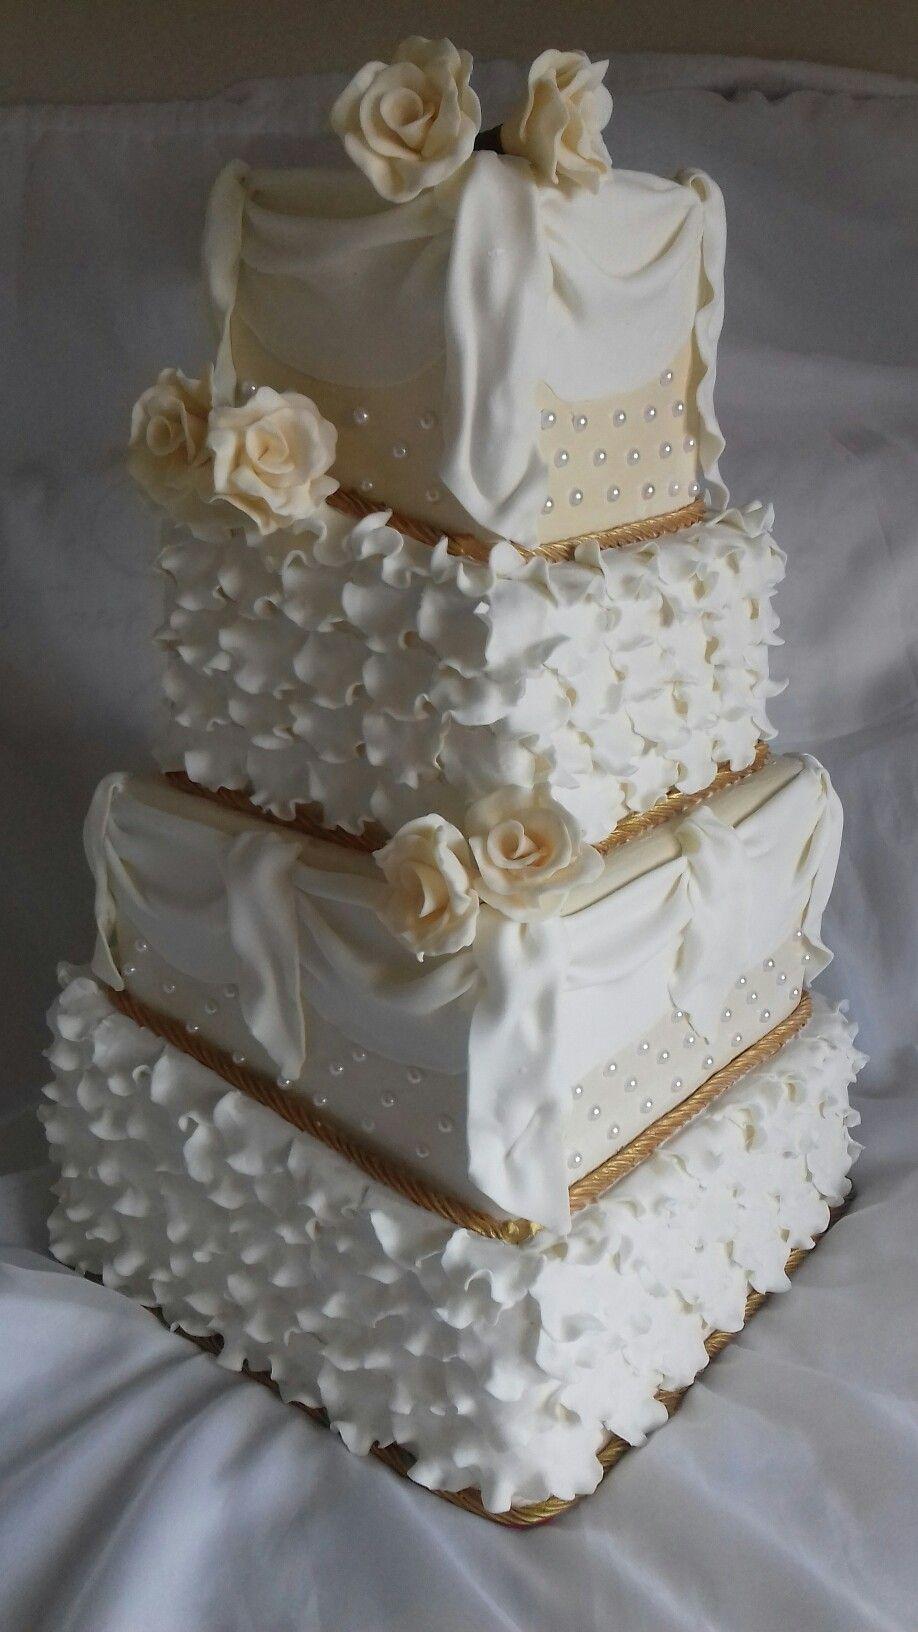 Casamento creme #boloscenograficos #boloparaloção #boloparavenda #Sapatinhodecristalbolos  #Sapatinhodecristalbolos